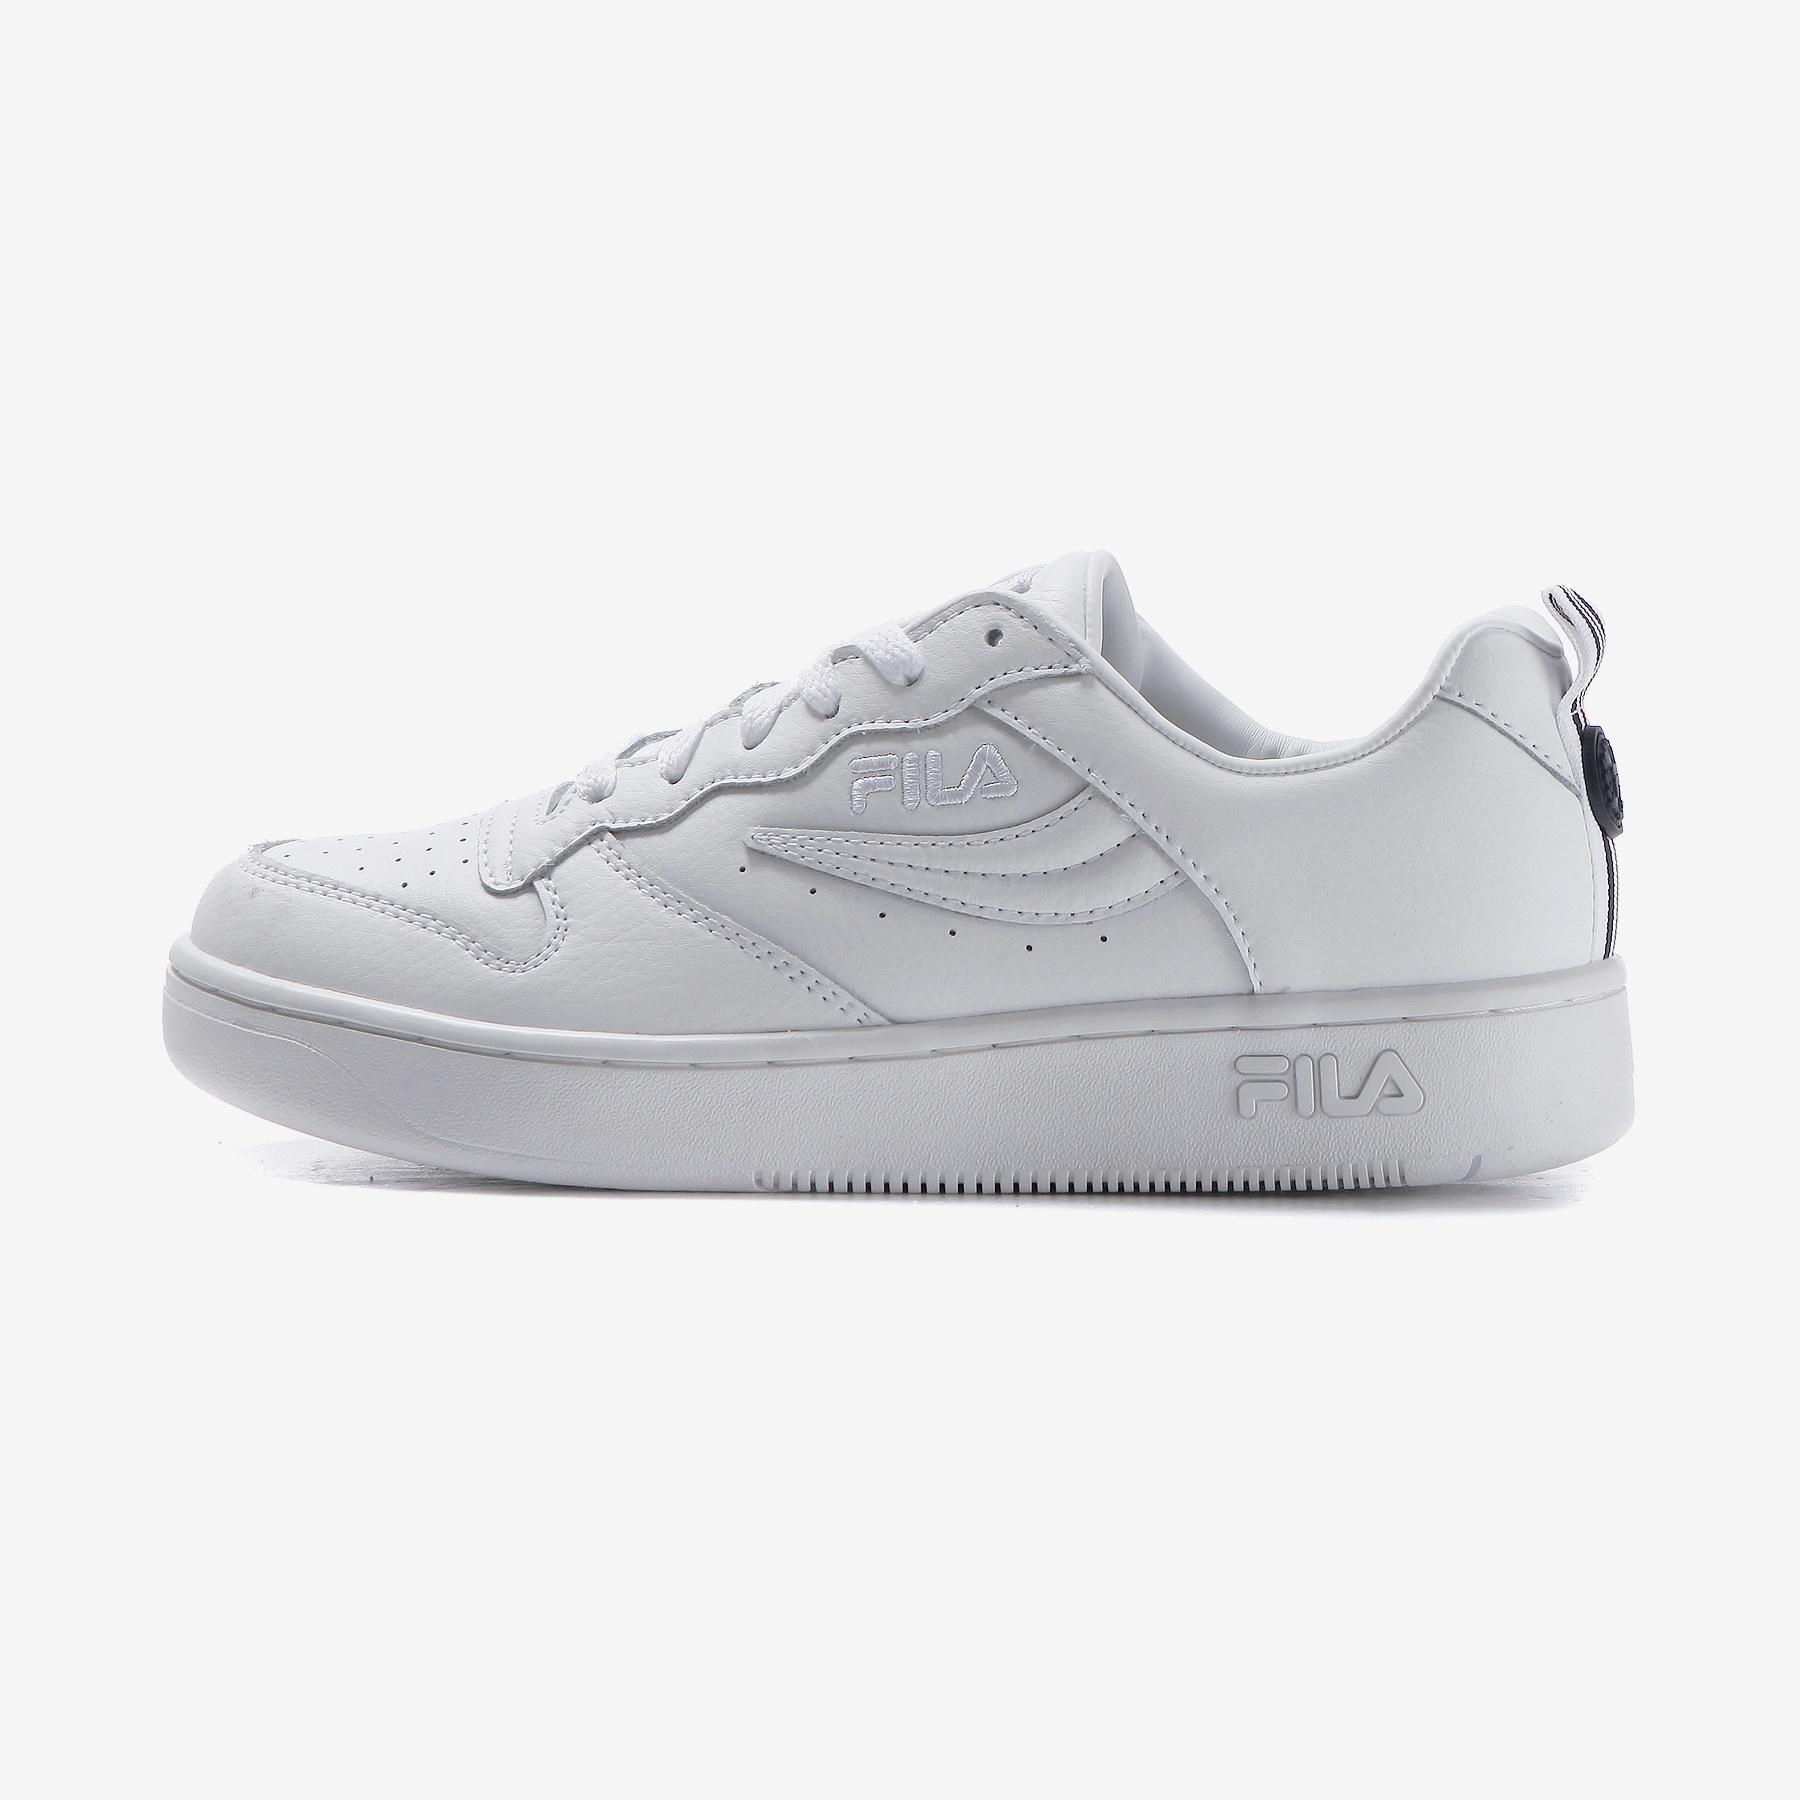 5673fdd26f58 Qoo10 - FS1HTZ3059X   Men s Bags   Shoes